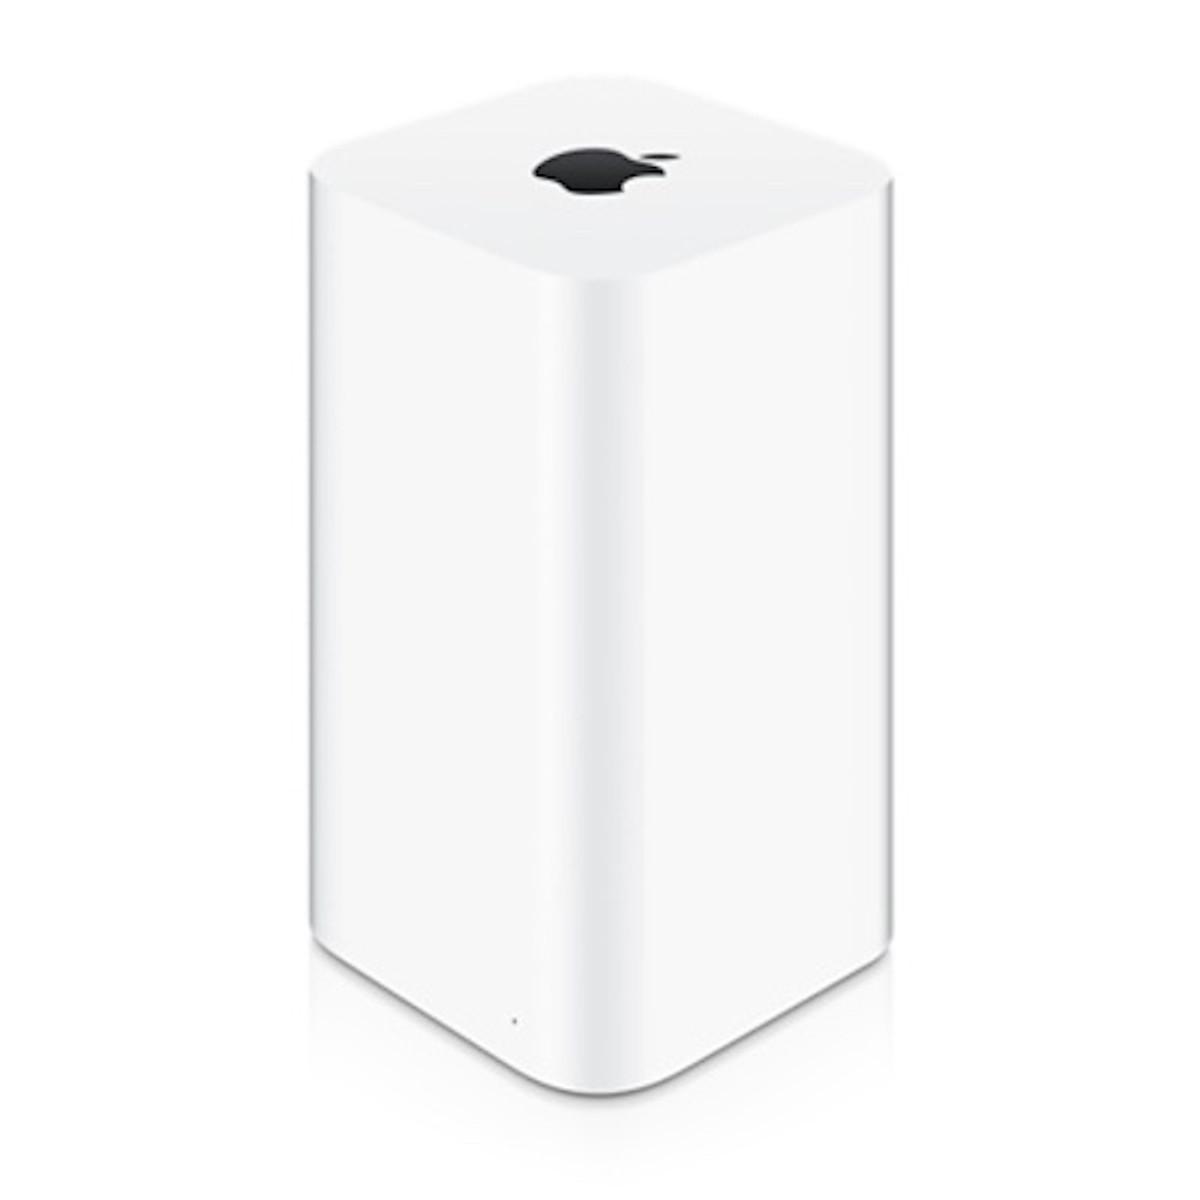 Bộ phát WiFi kiêm ổ cứng back up Apple Airport Time Capsule 2TB – Hàng nhập khẩu